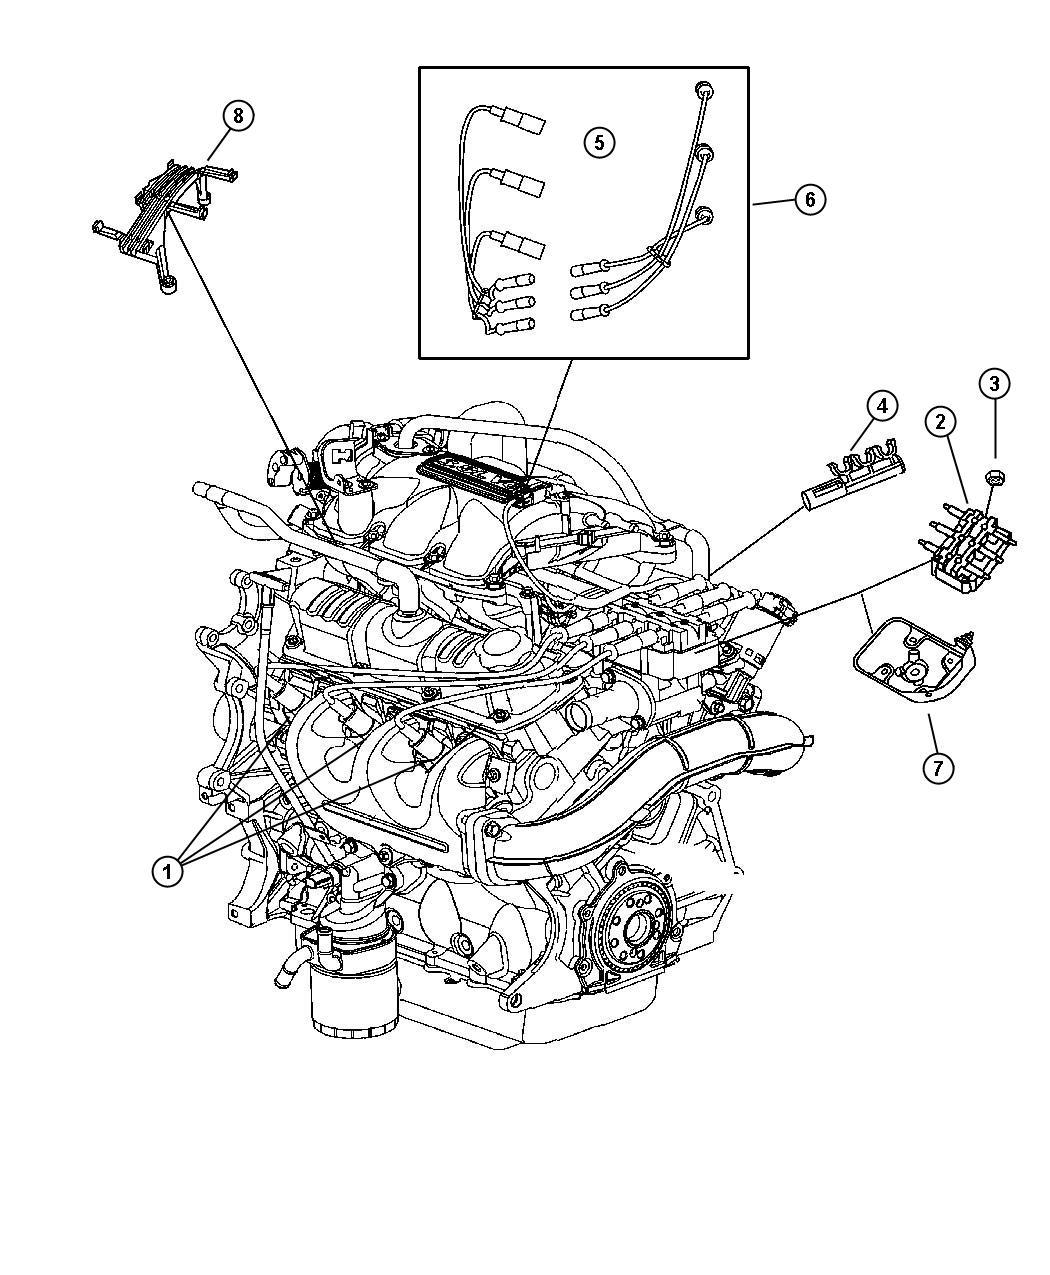 2005 chrysler pacifica wiring diagram wiring diagram 2005 mitsubishi pajero wiring diagram